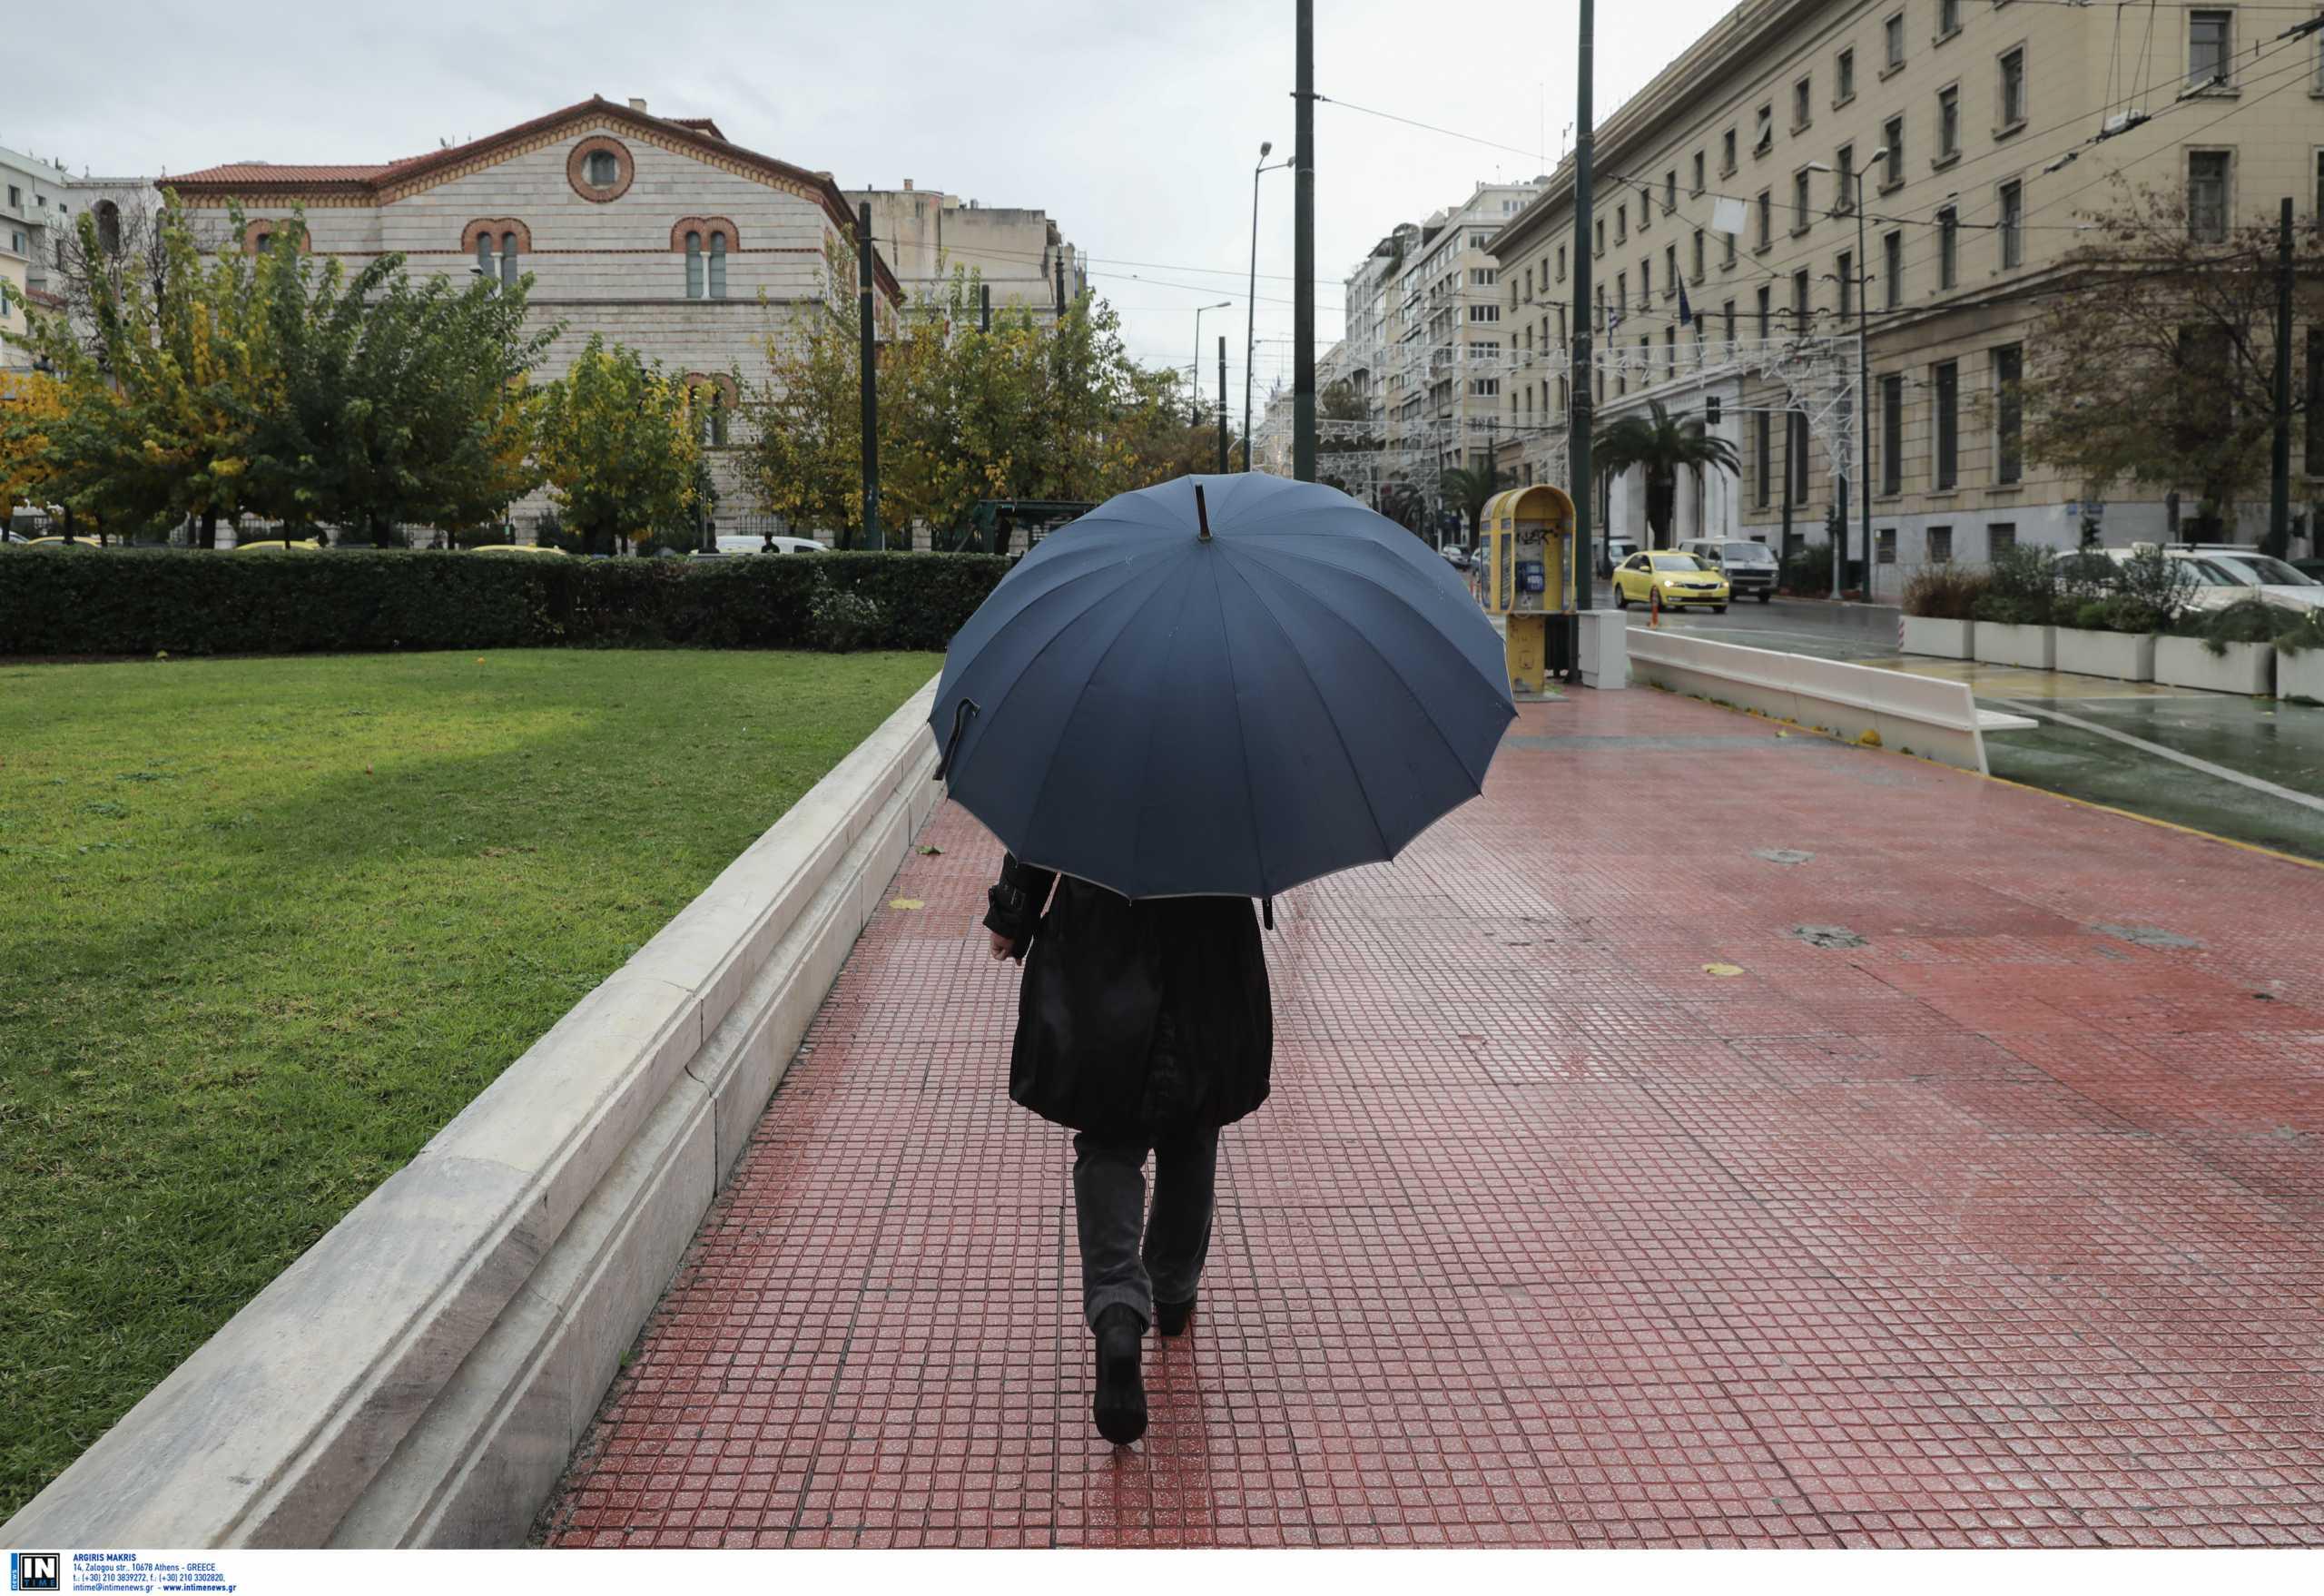 Καιρός αύριο: Τοπικές βροχές και μικρή πτώση της θερμοκρασίας